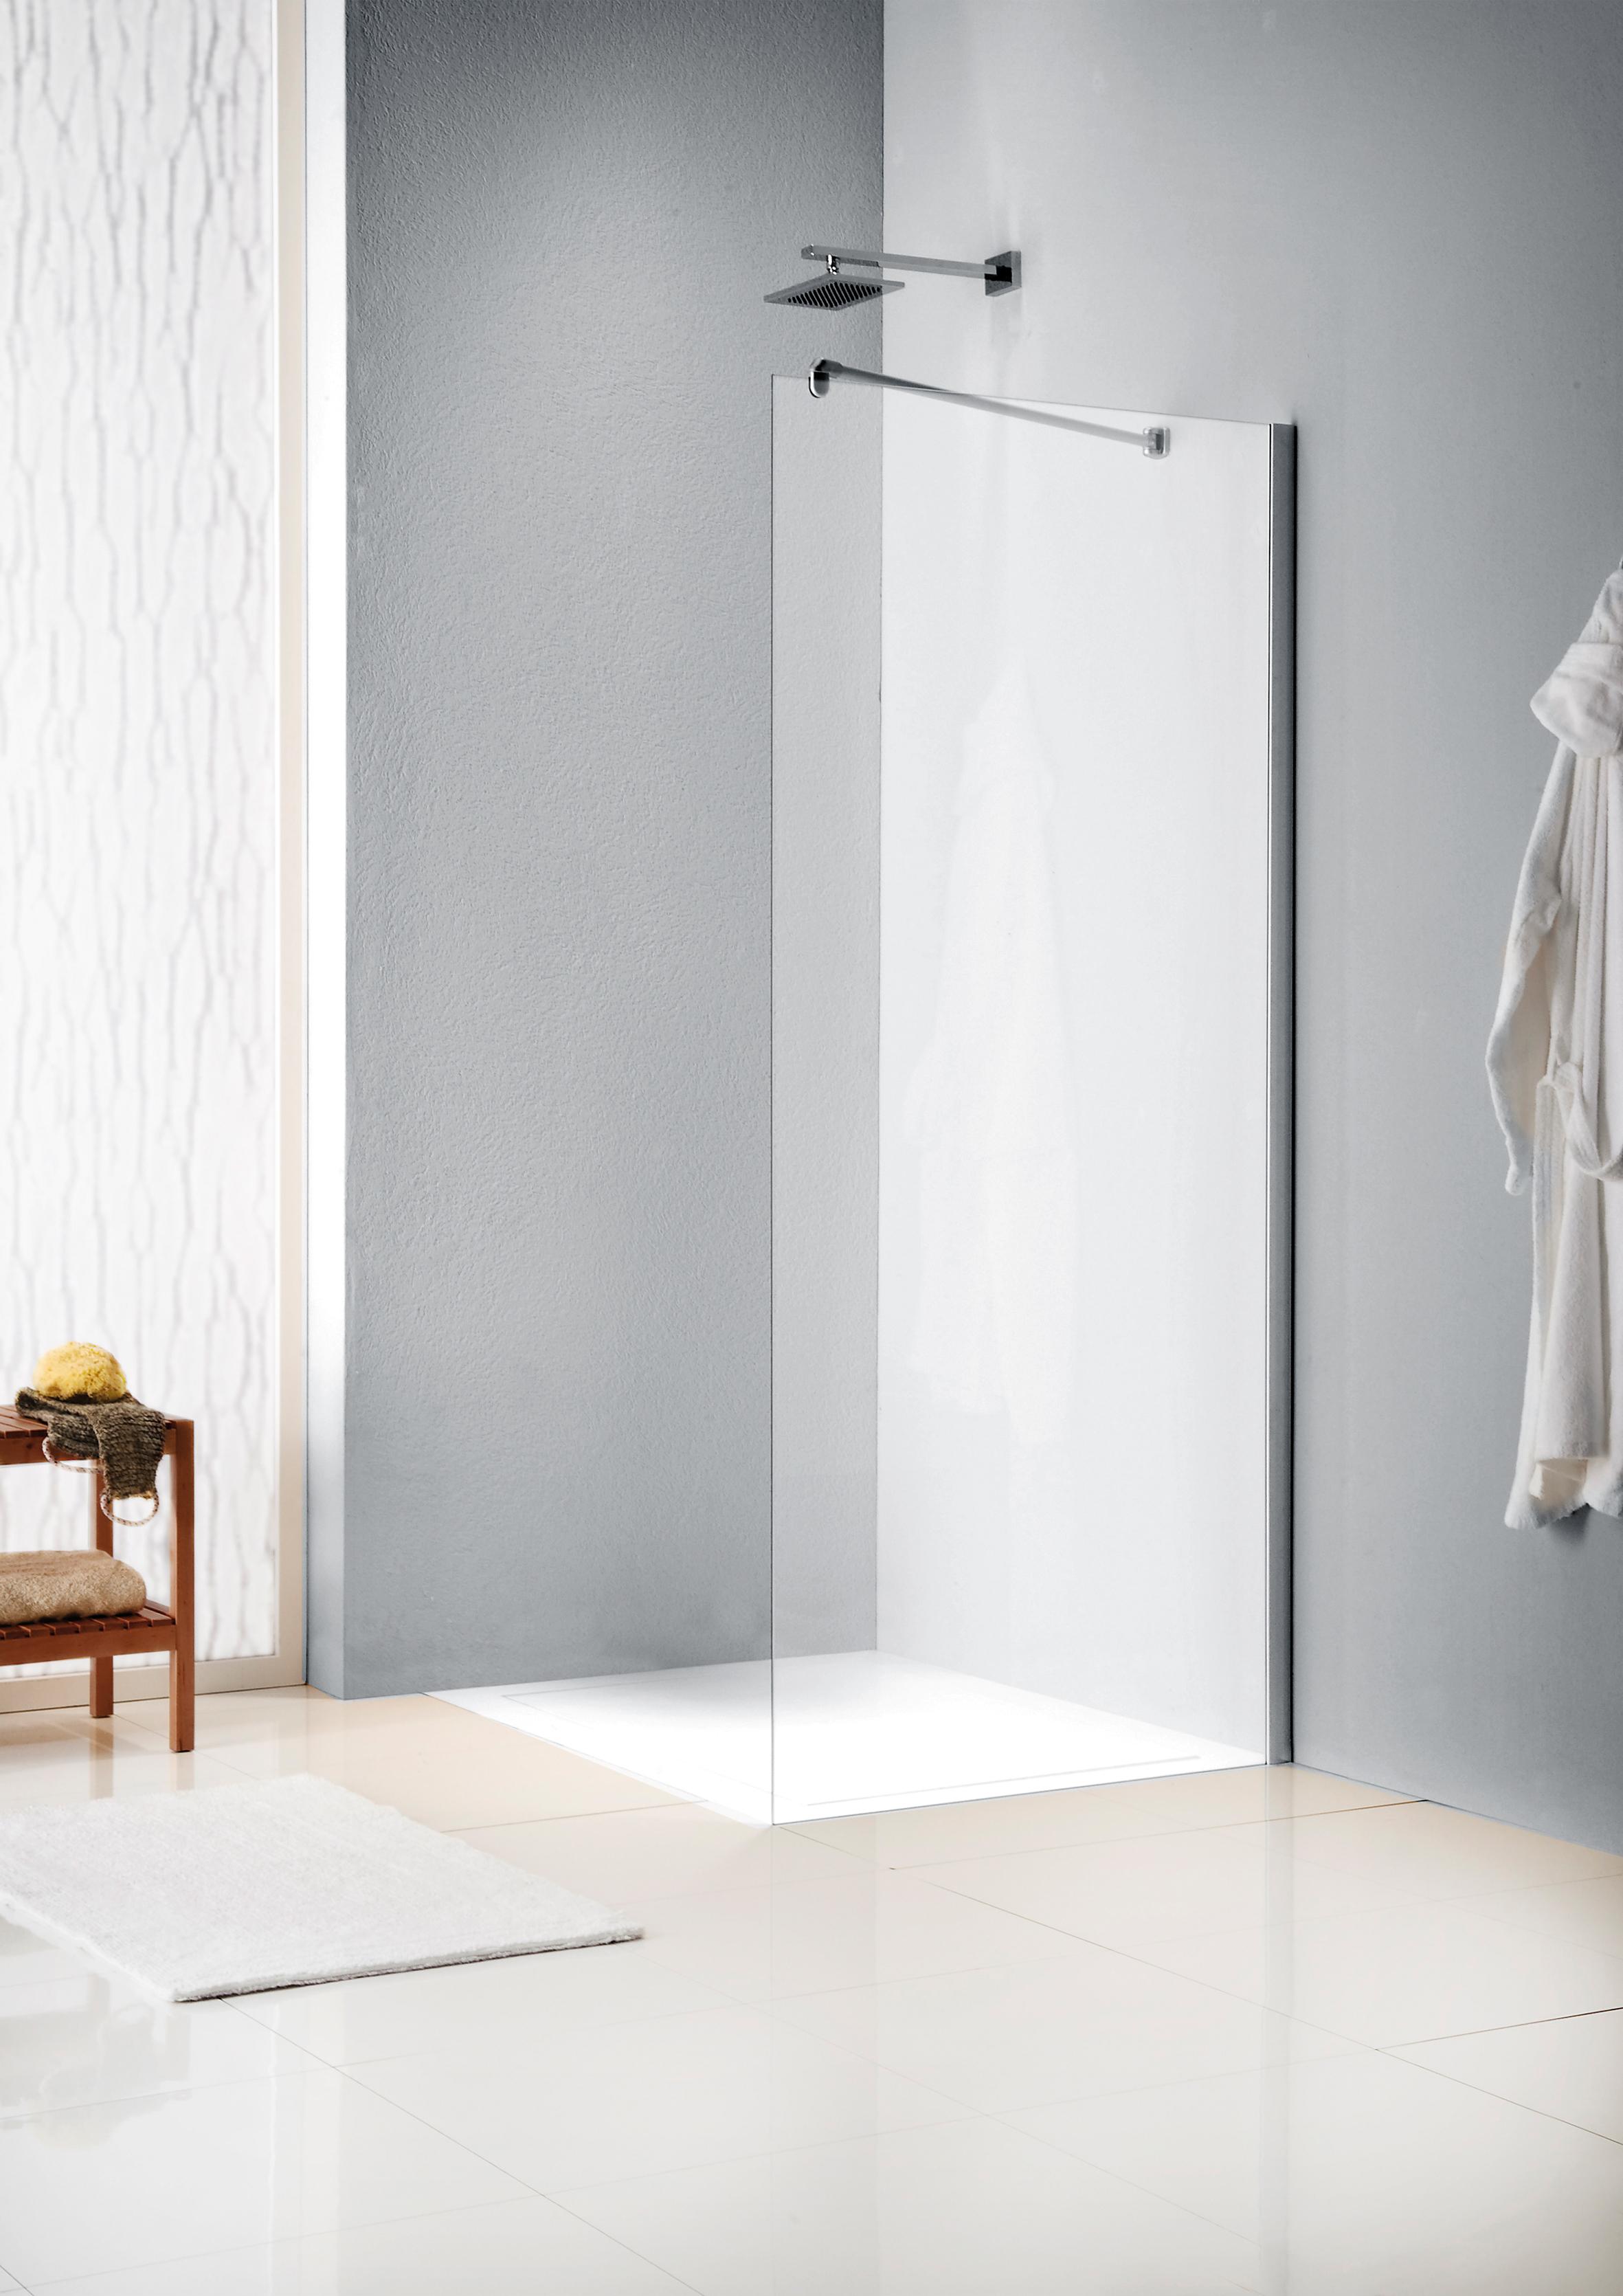 Sealskin Get Wet W205 inloopdouche 120x200cm mat zilver profiel en chinchilla glas voorzien van anti